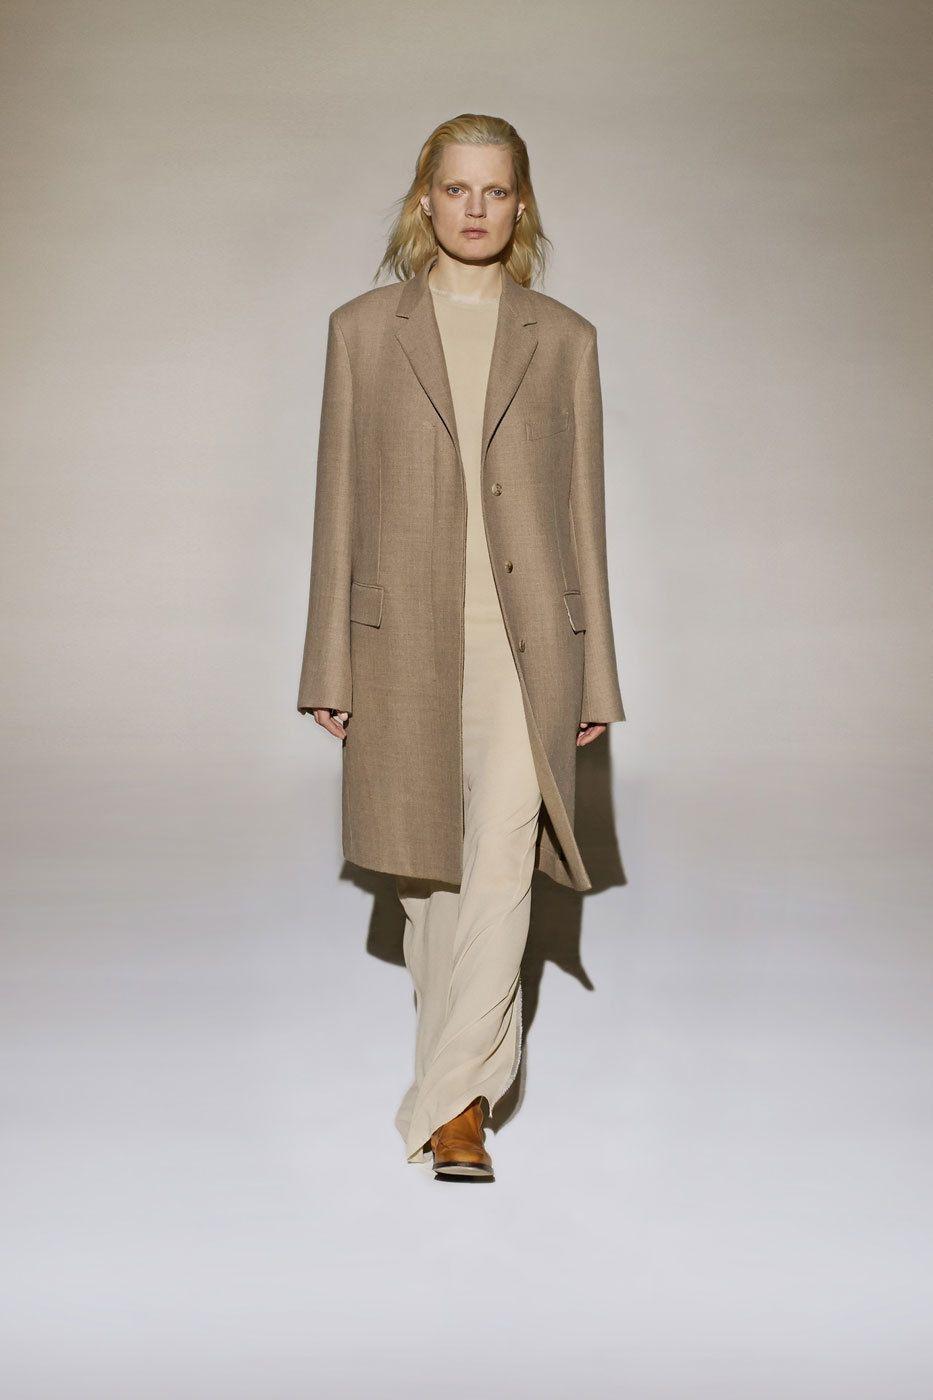 Cammello Cappotto Tendenza Di Moda 2016 Inverno Autunno 2017 Il 4SS0q8CA